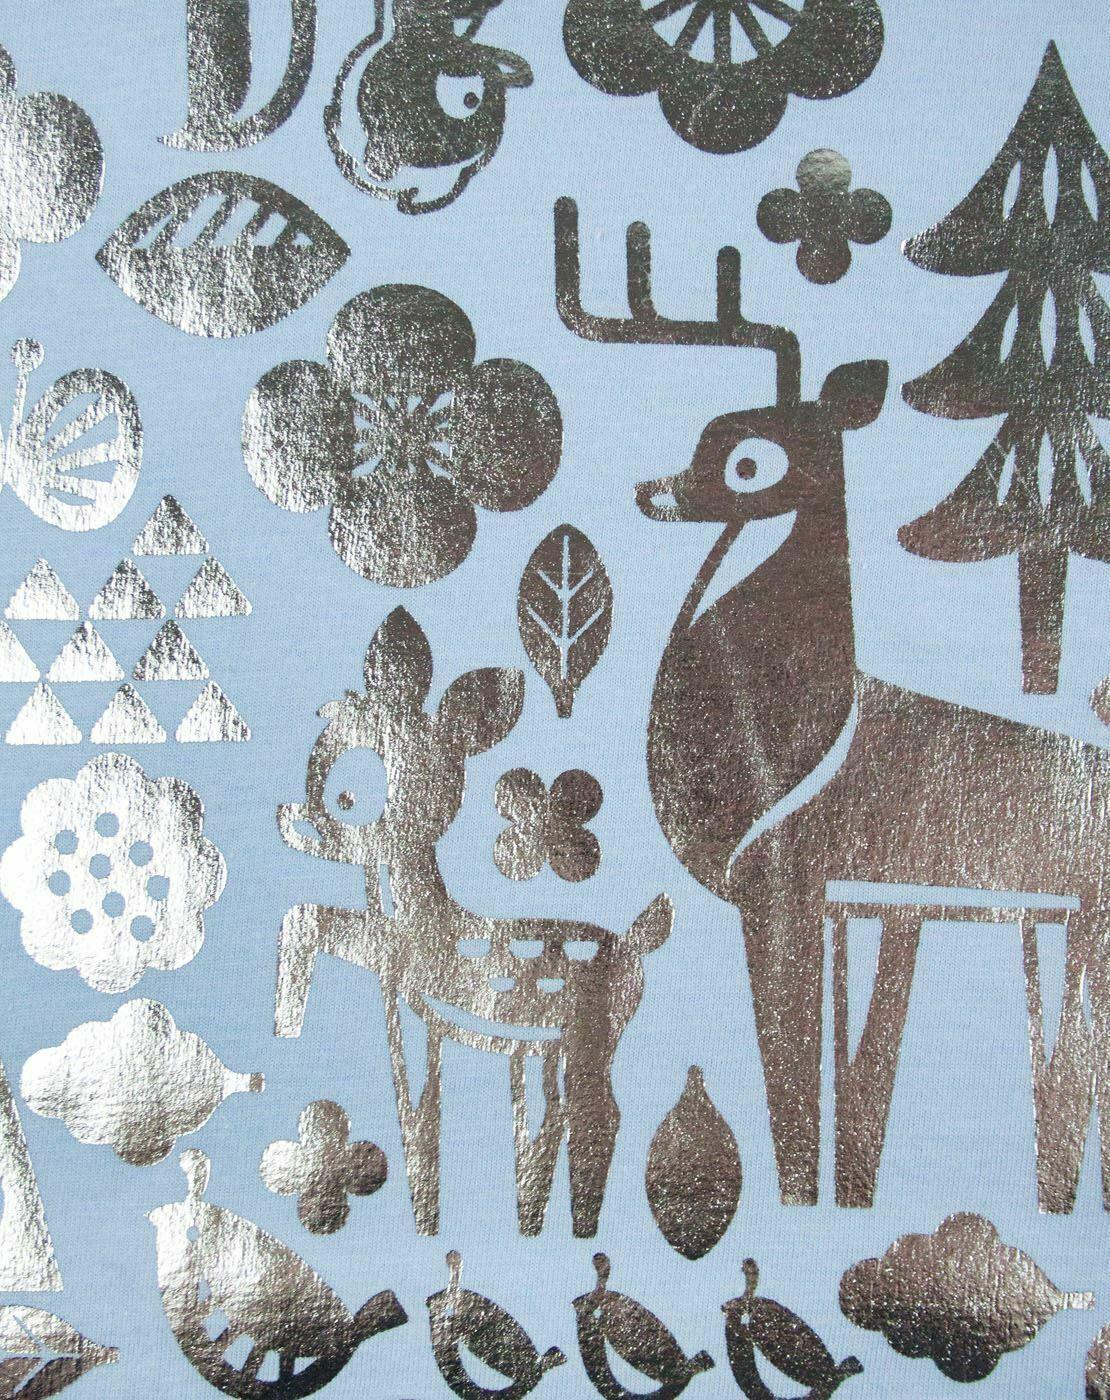 Disney-Bambi-Silver-Foil-Women-039-s-T-Shirt thumbnail 8